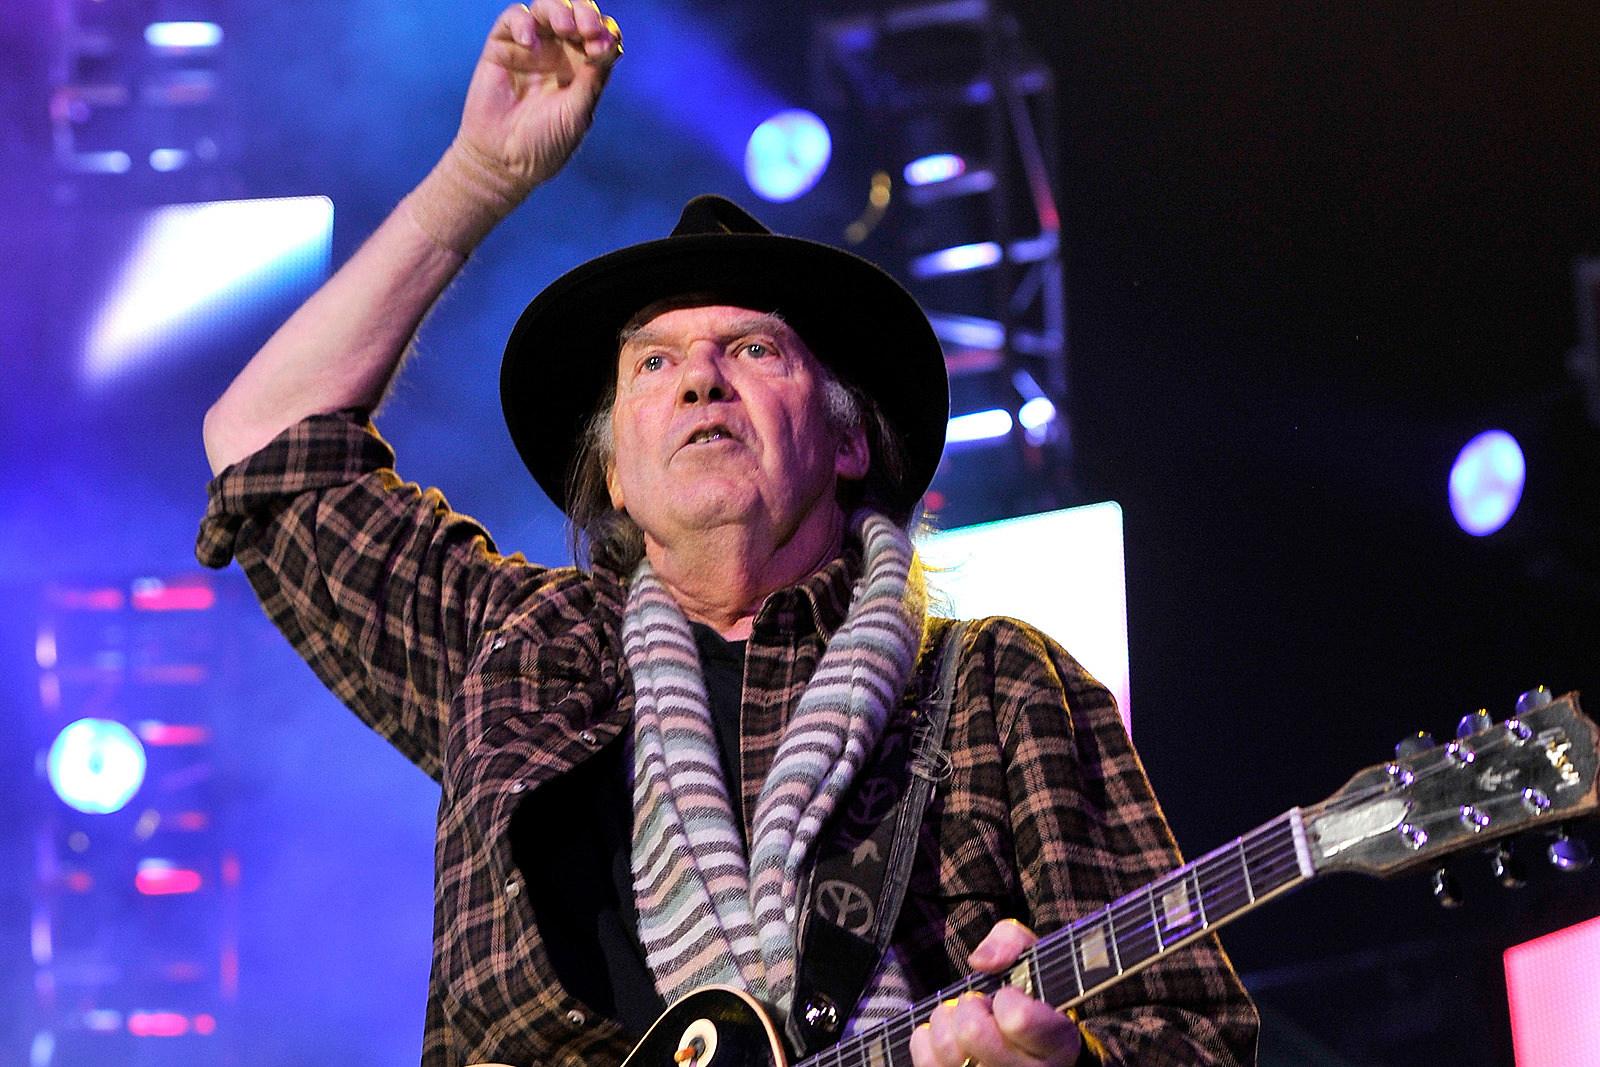 Neil Young Announces New Album 'Colorado' With Crazy Horse